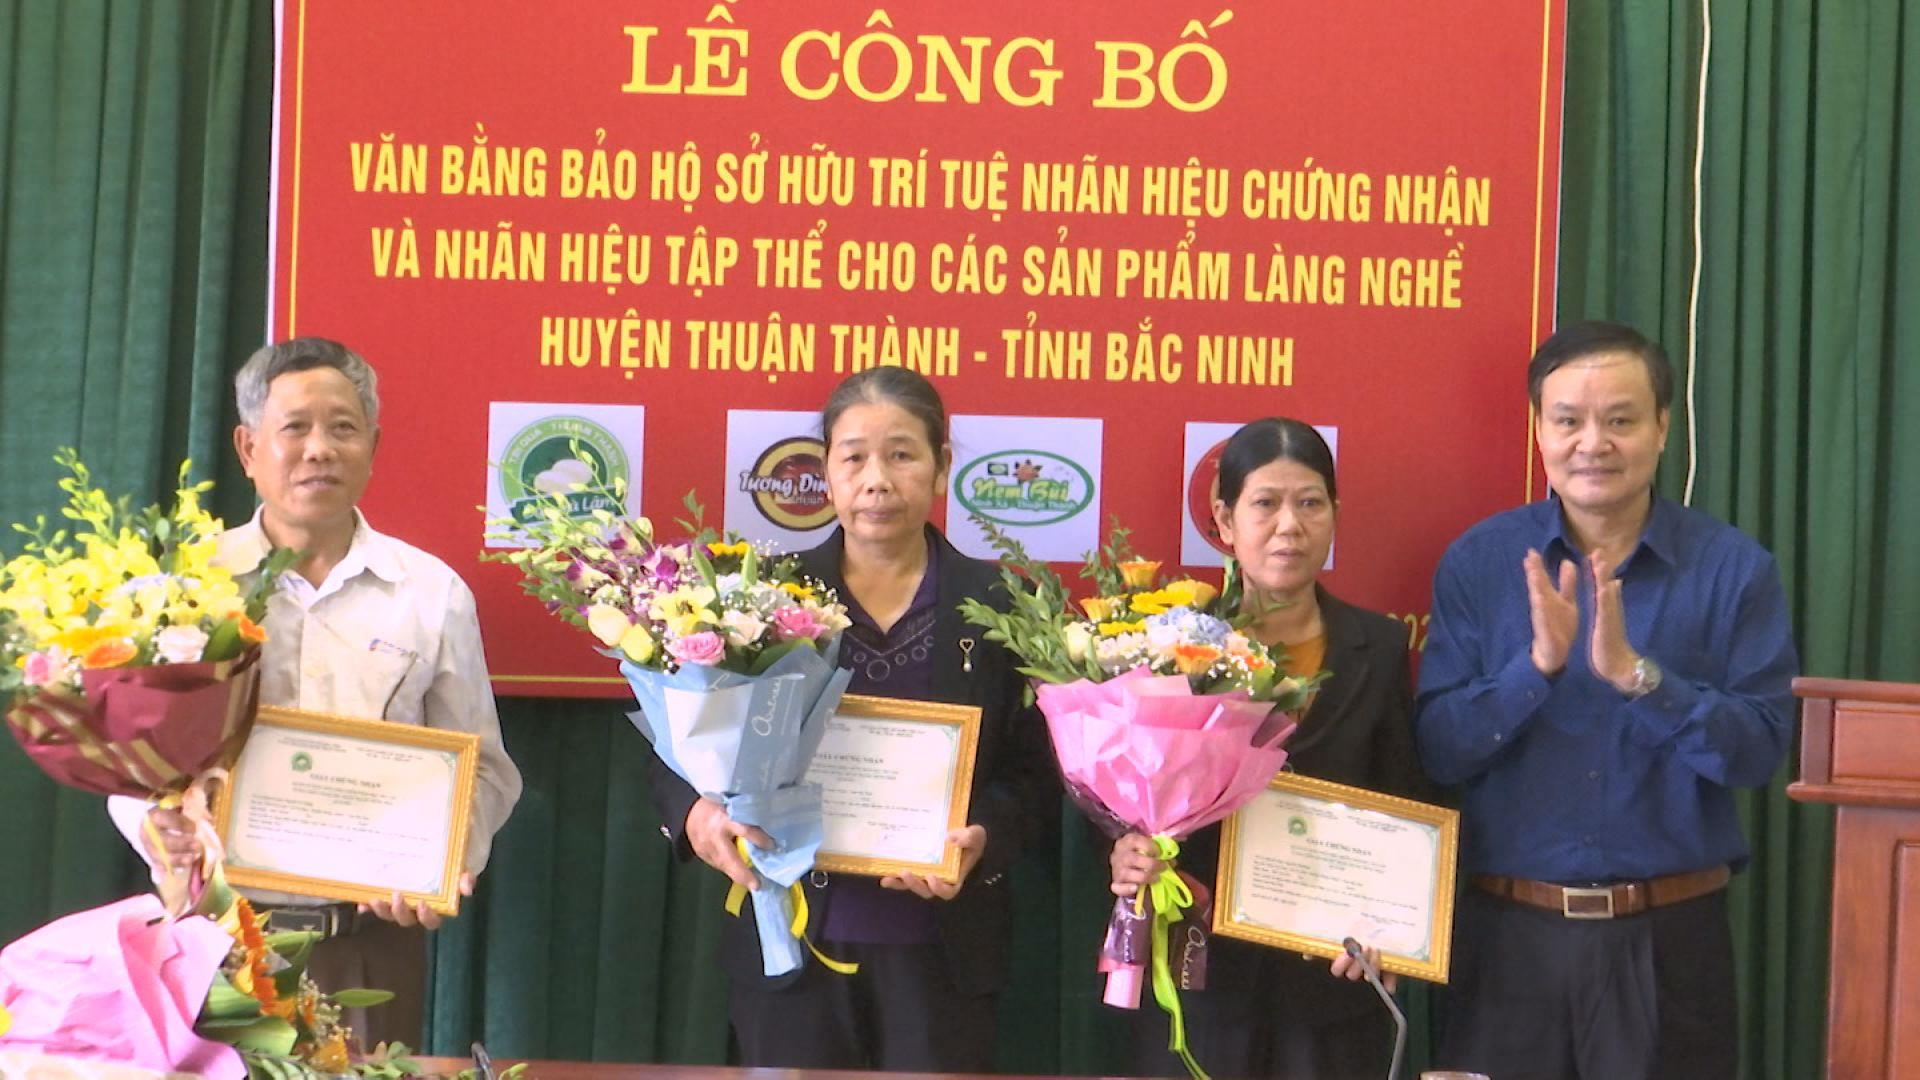 Bắc Ninh công bố văn bằng bảo hộ nhãn hiệu chứng nhận các sản phẩm làng nghề